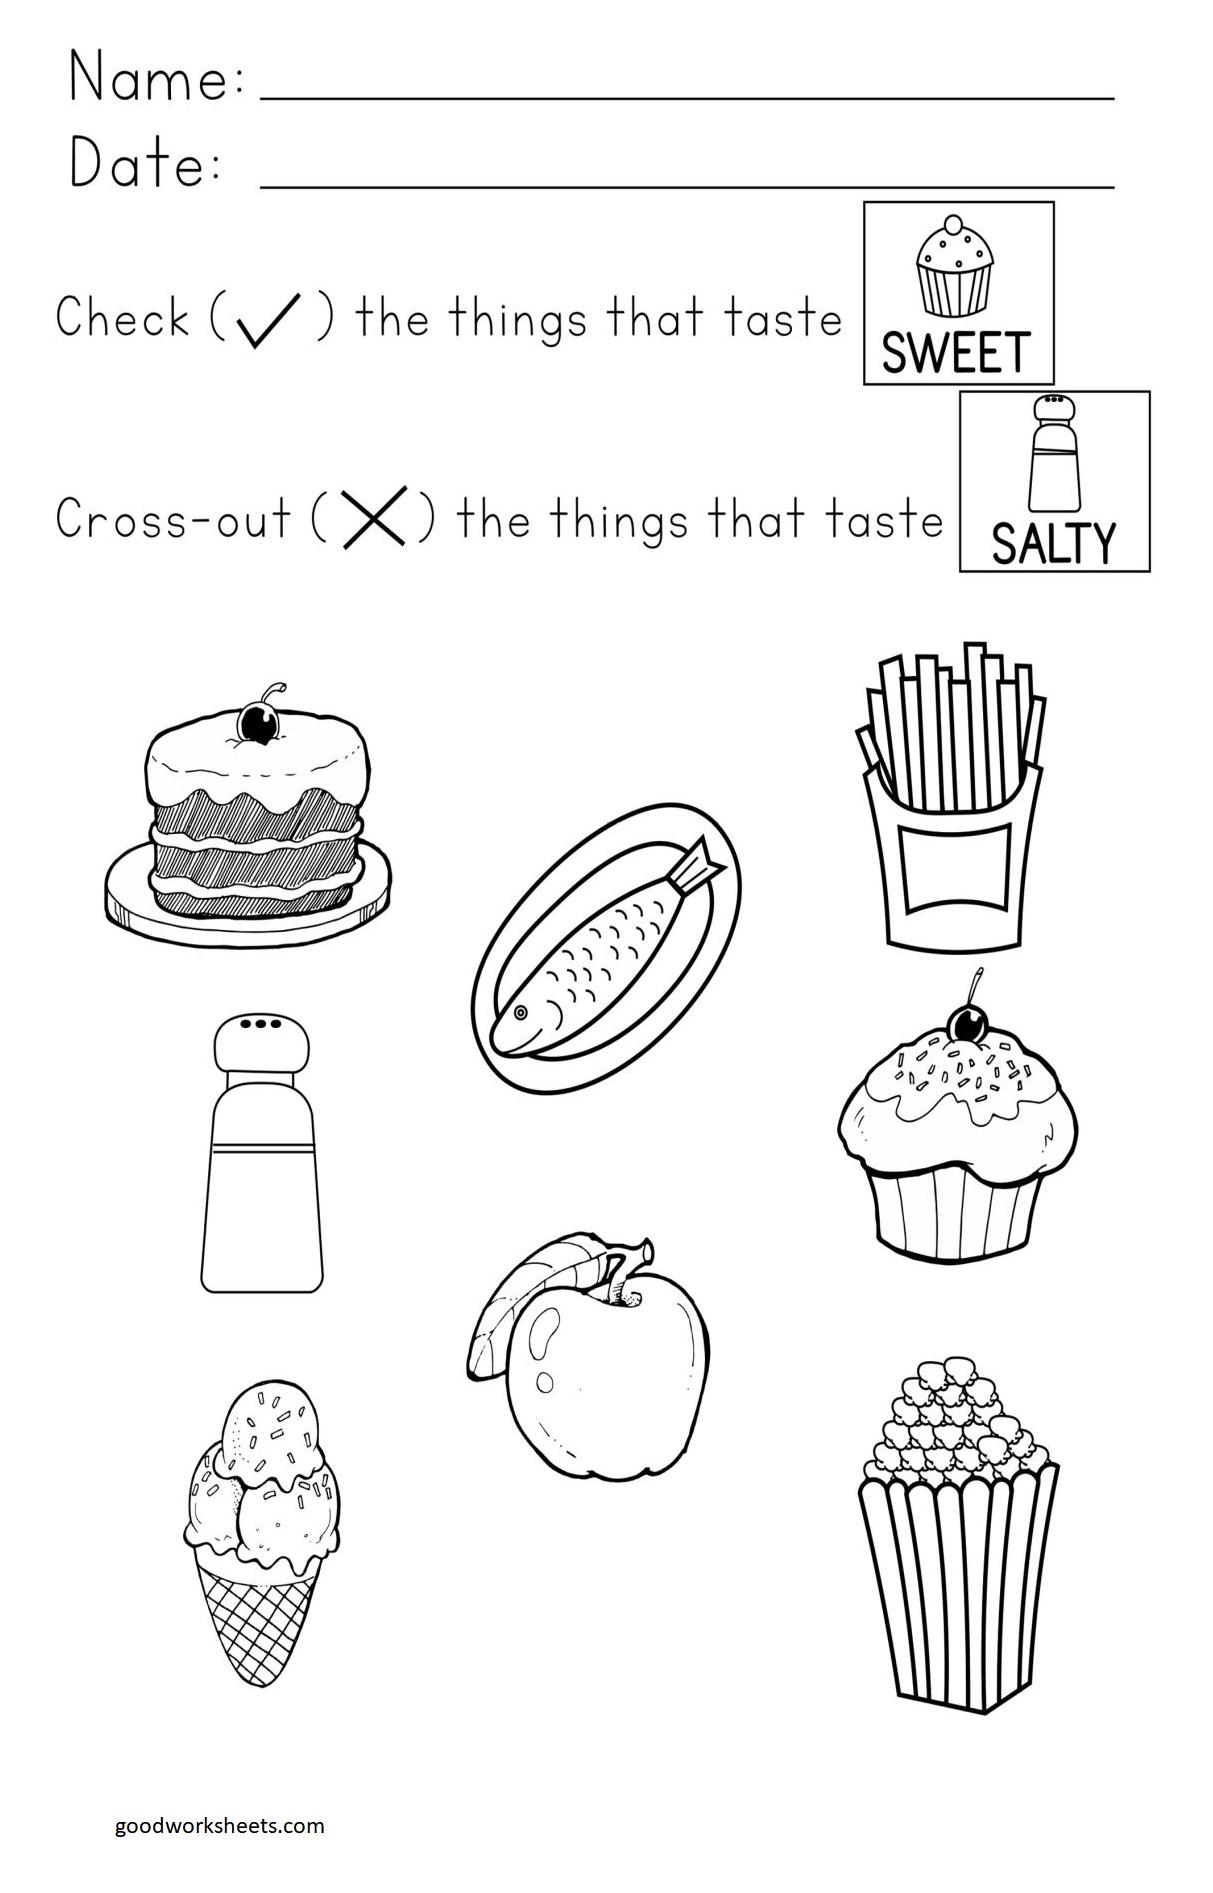 I Can Taste Worksheets